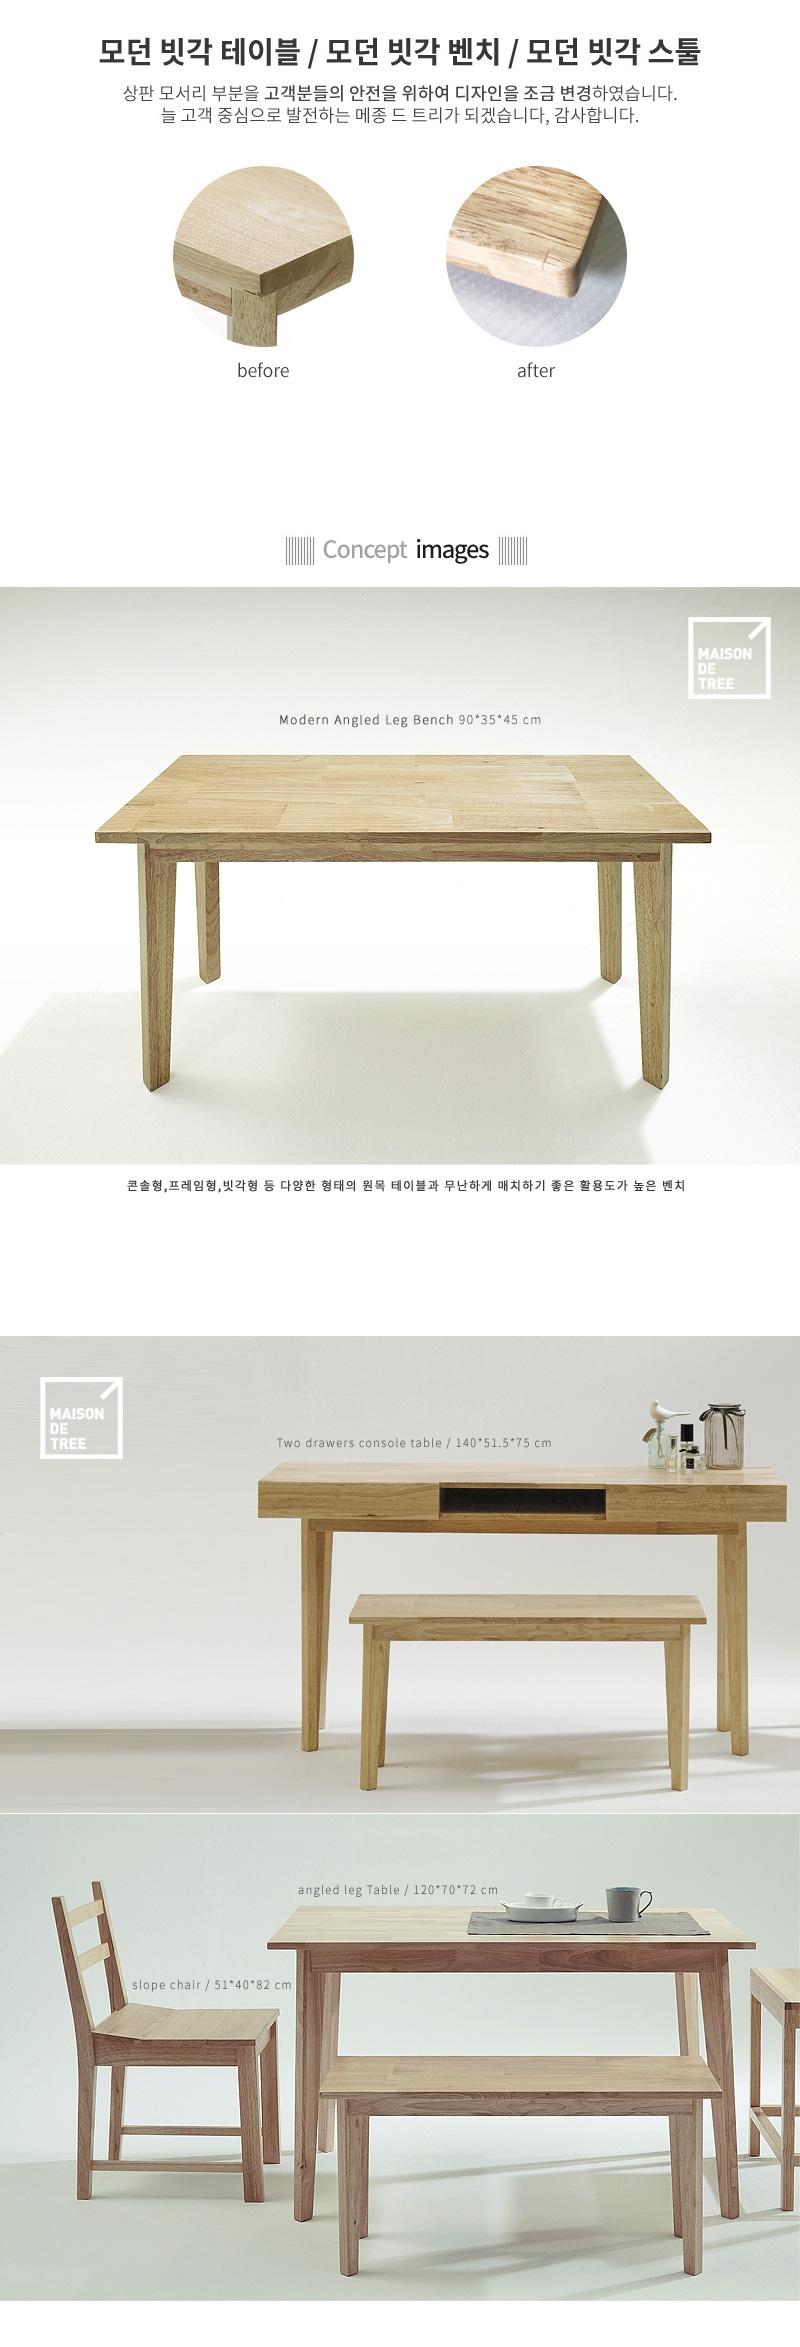 모던 빗각 벤치 - 메종드트리, 88,000원, 디자인 의자, 인테리어의자